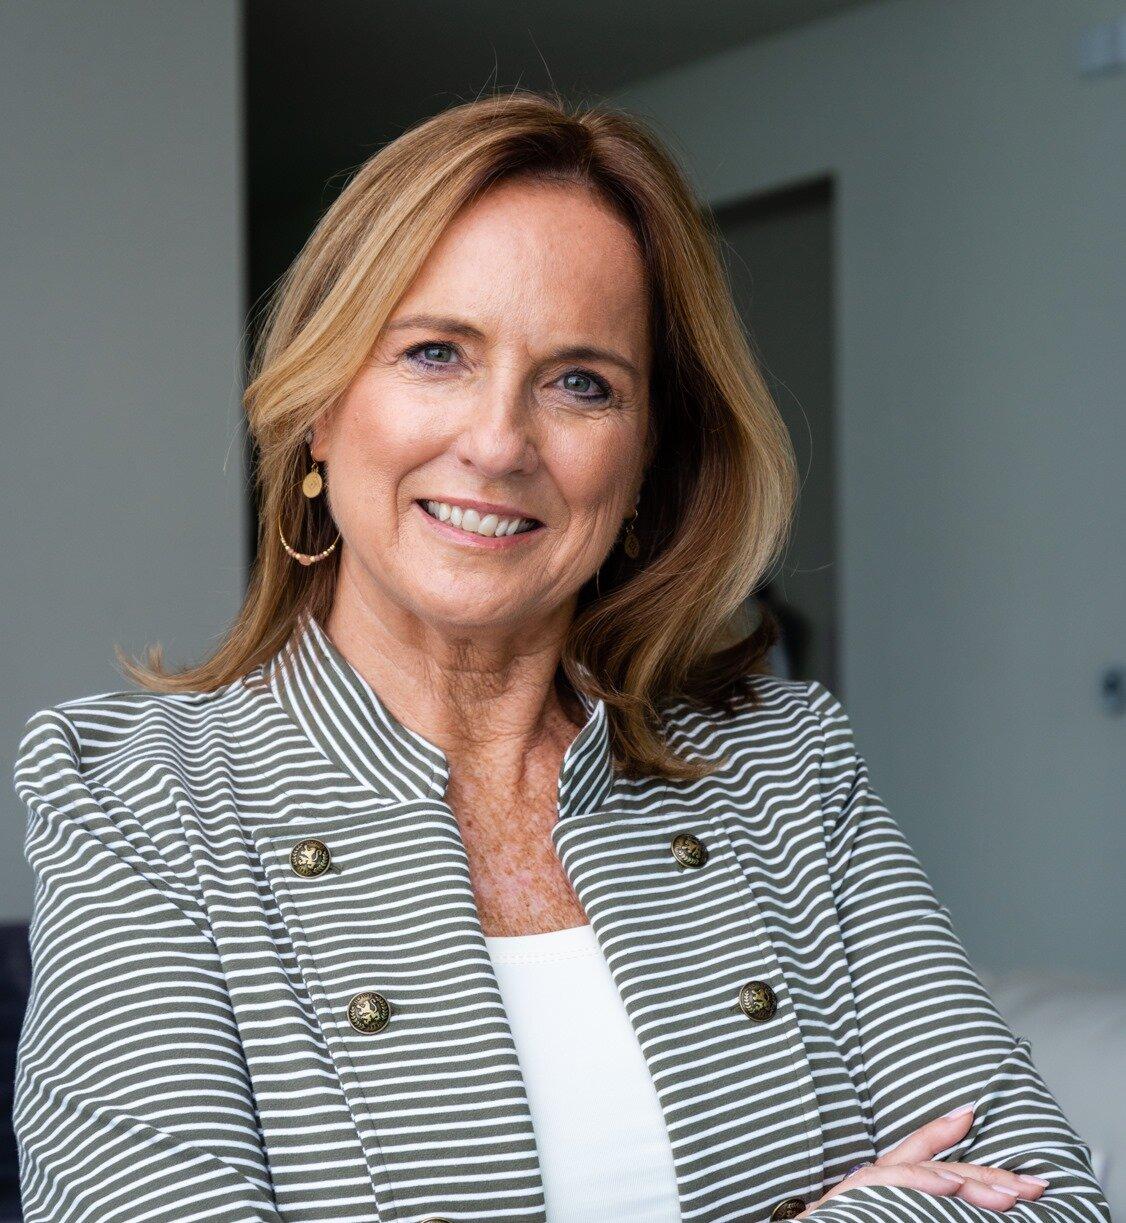 Deborah Anderson headshot 2019.jpg